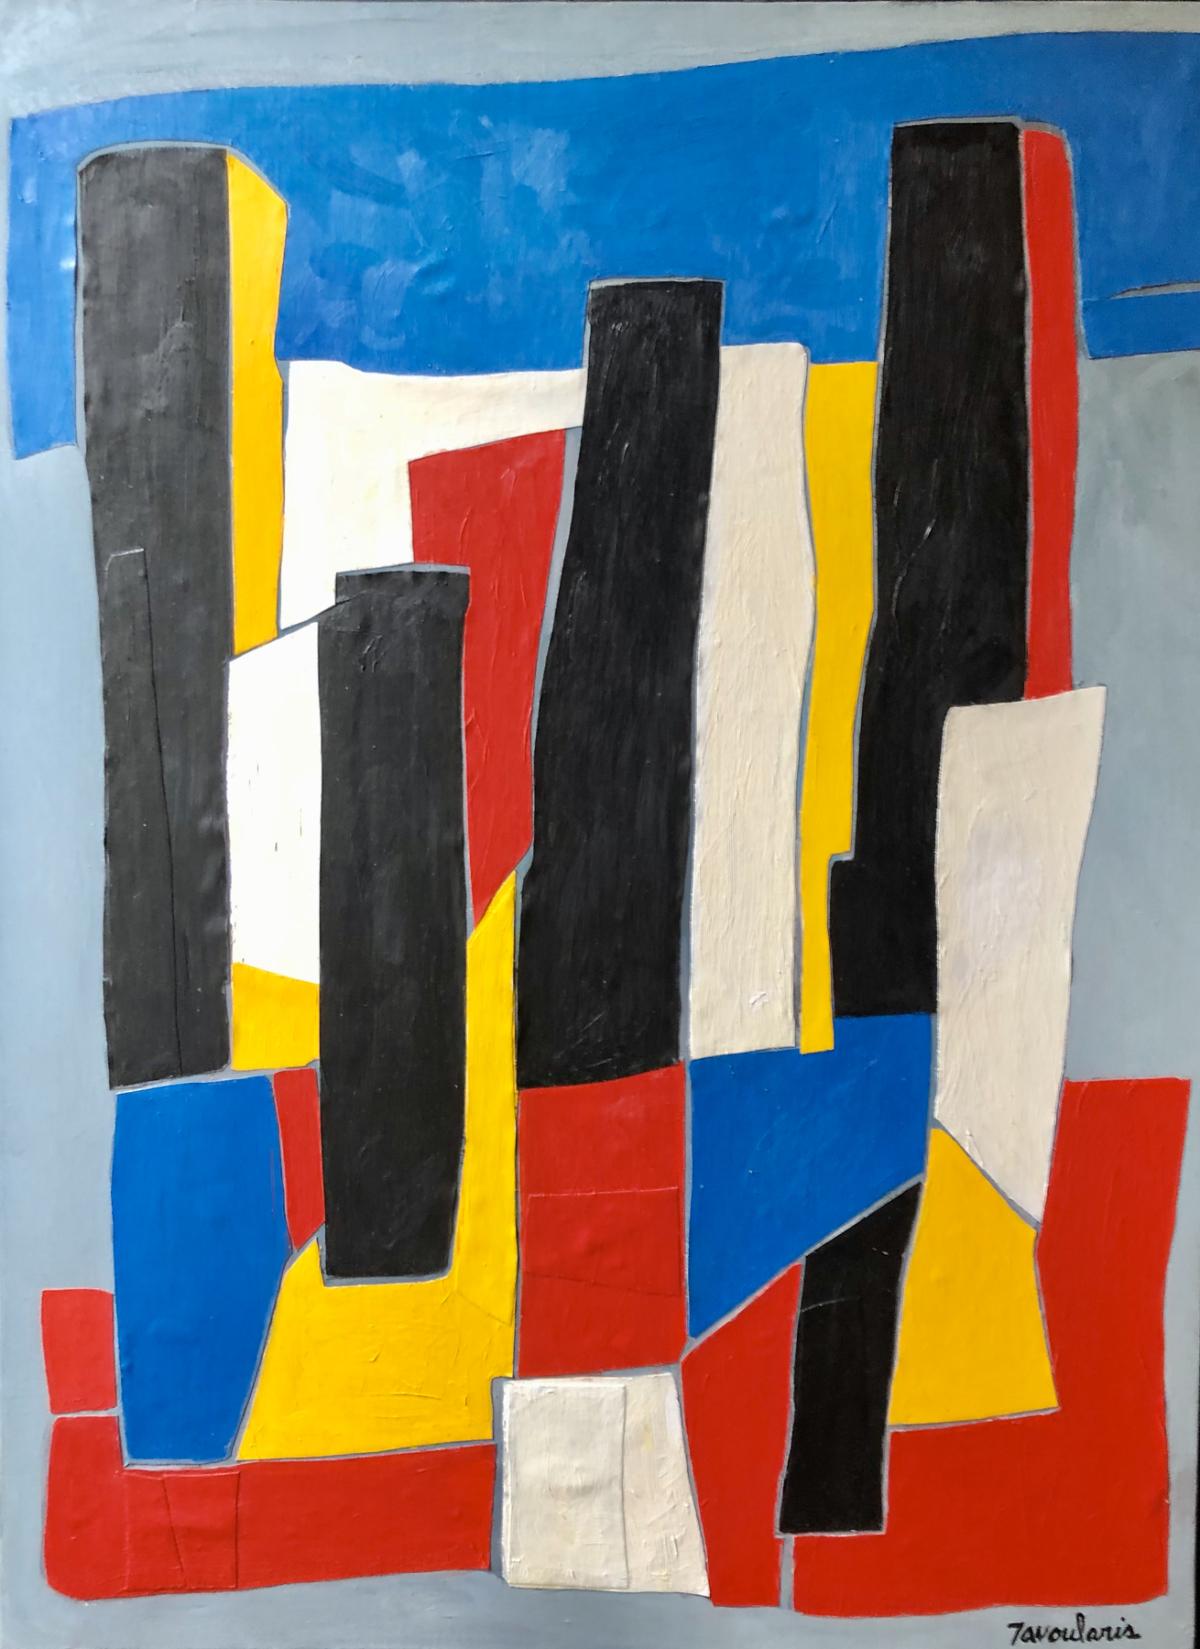 Untitled #17, 2004 Acrylique sur toile 81 x 60 cm ©Dean Tavoularis